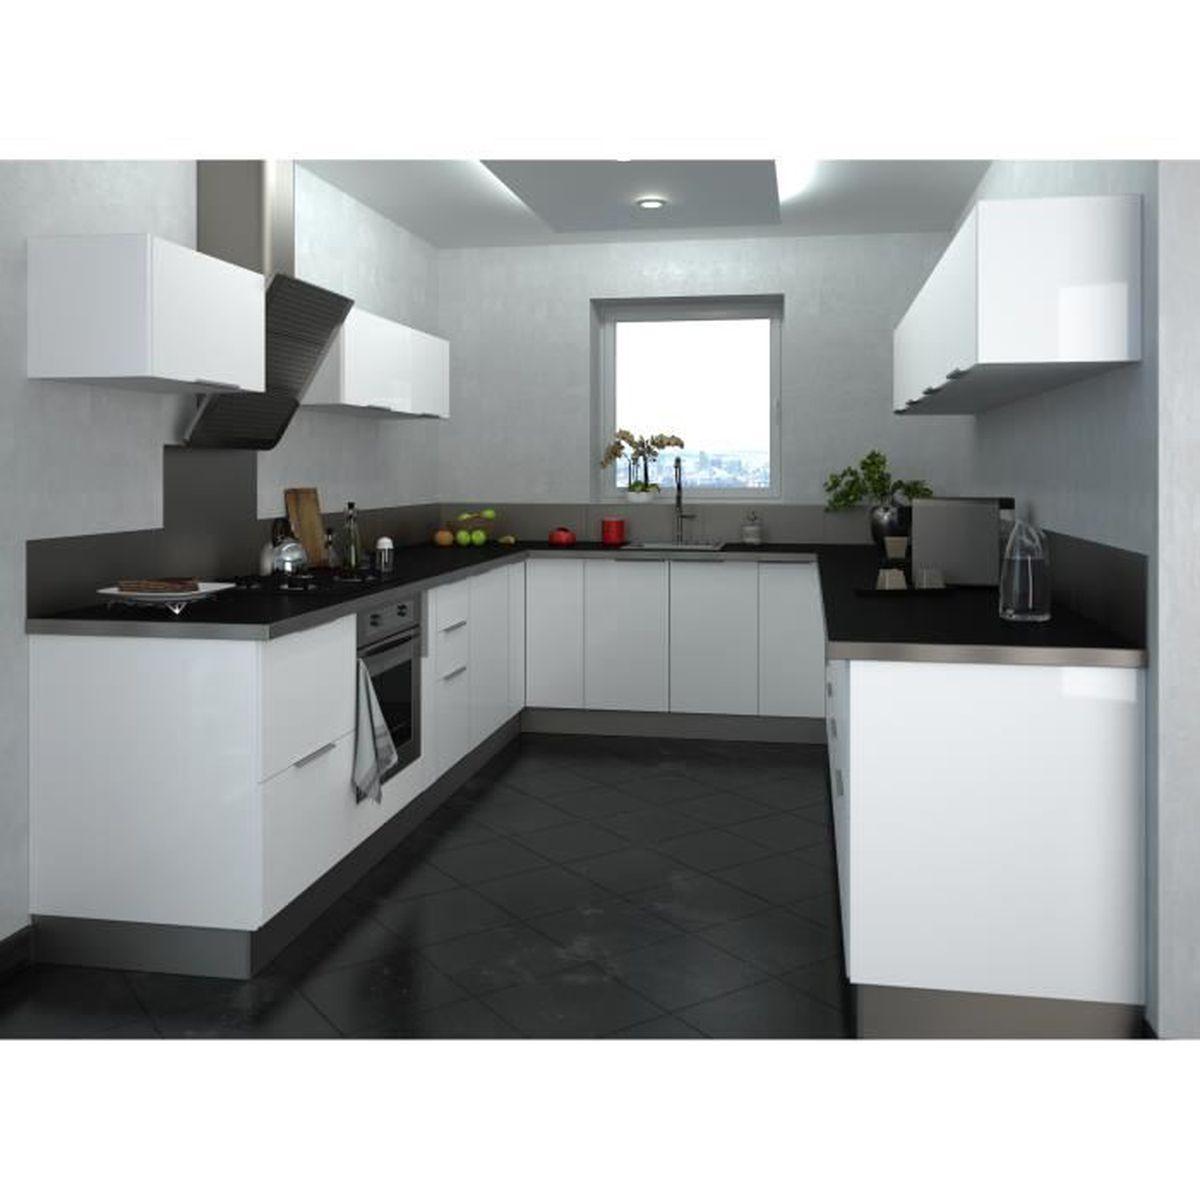 Meuble de cuisine haut sur hotte - 12cm - Blanc - Élément séparé